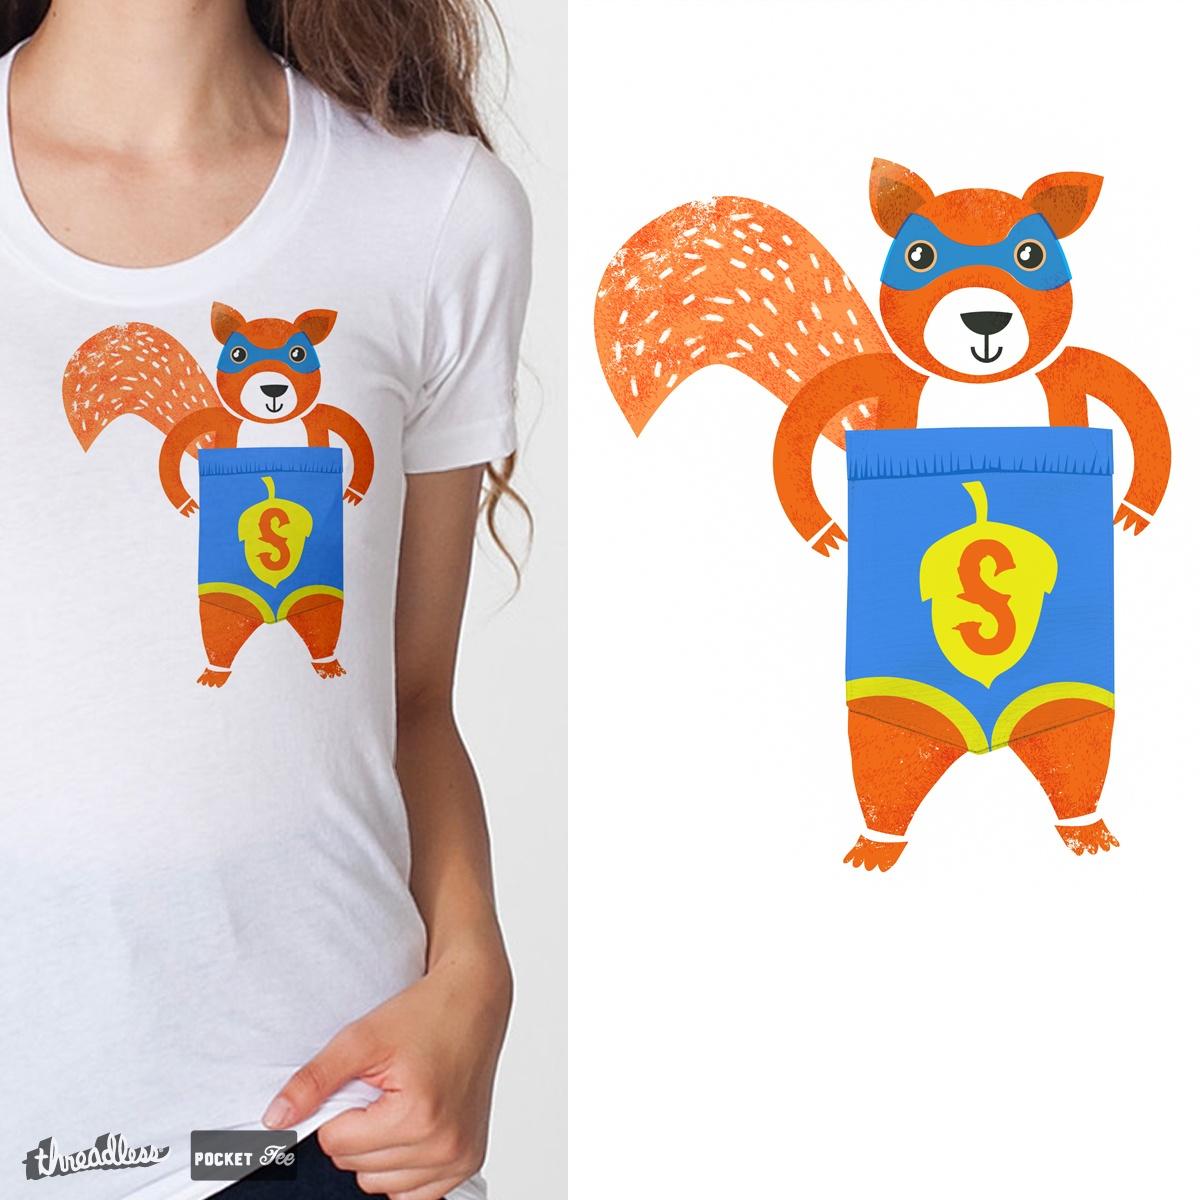 Super squirrel by levman on Threadless